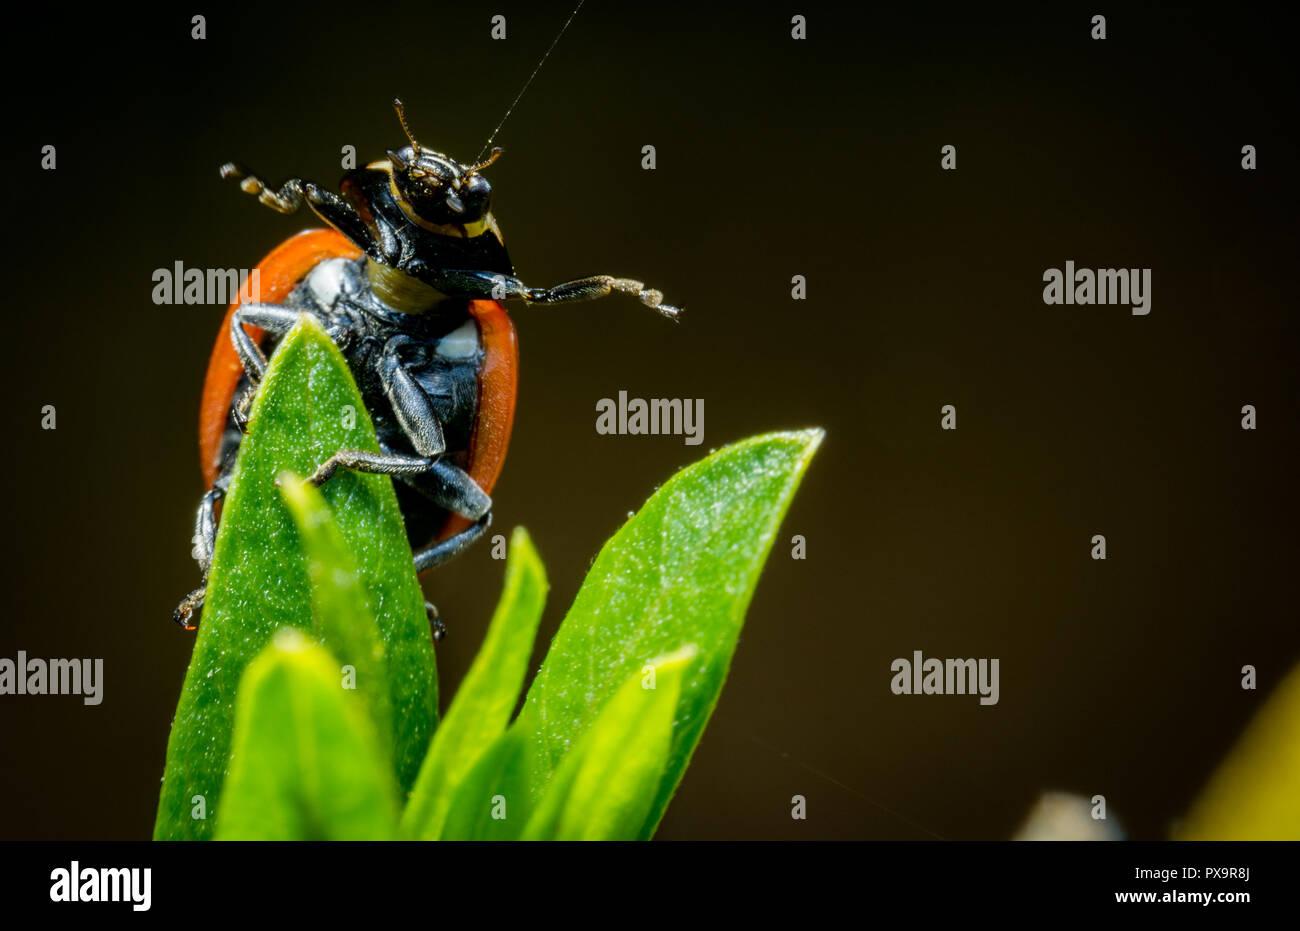 Beautiful ladybug open arms green twig macro photo - Stock Image